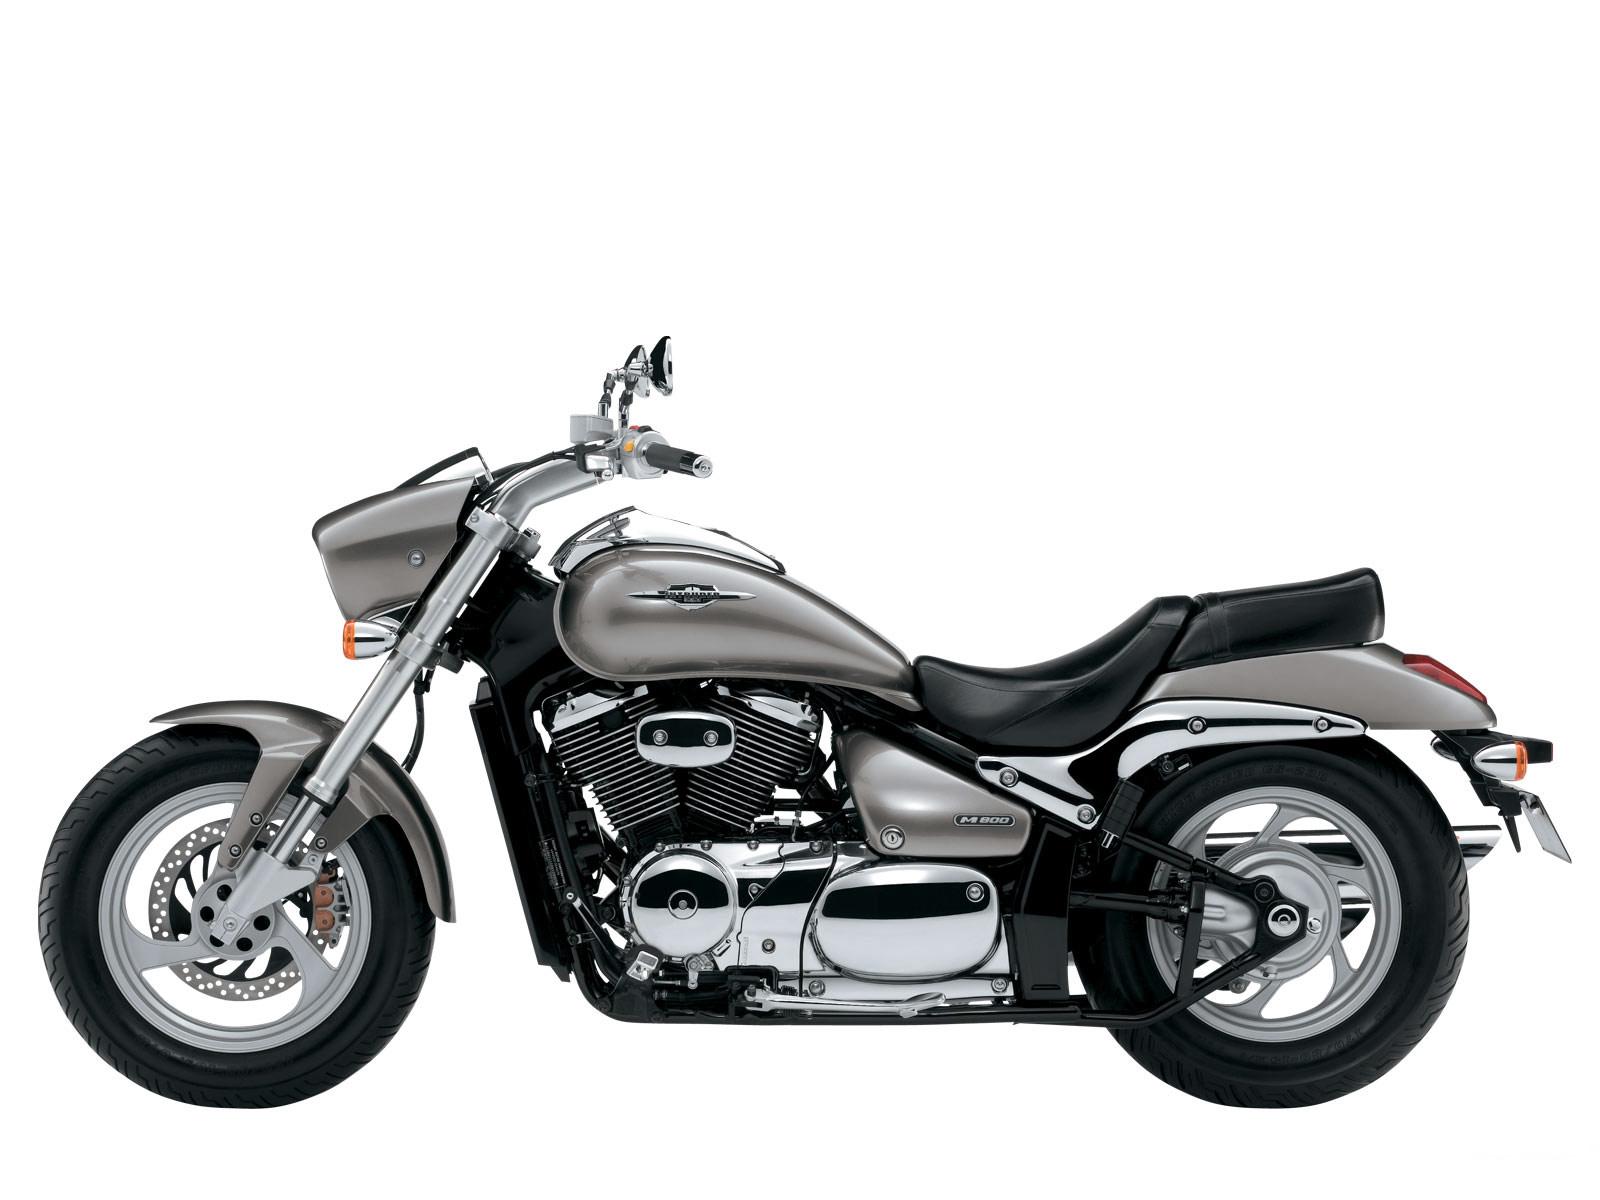 Suzuki Intruder Motorcycle Wallpaper Desktop Hd